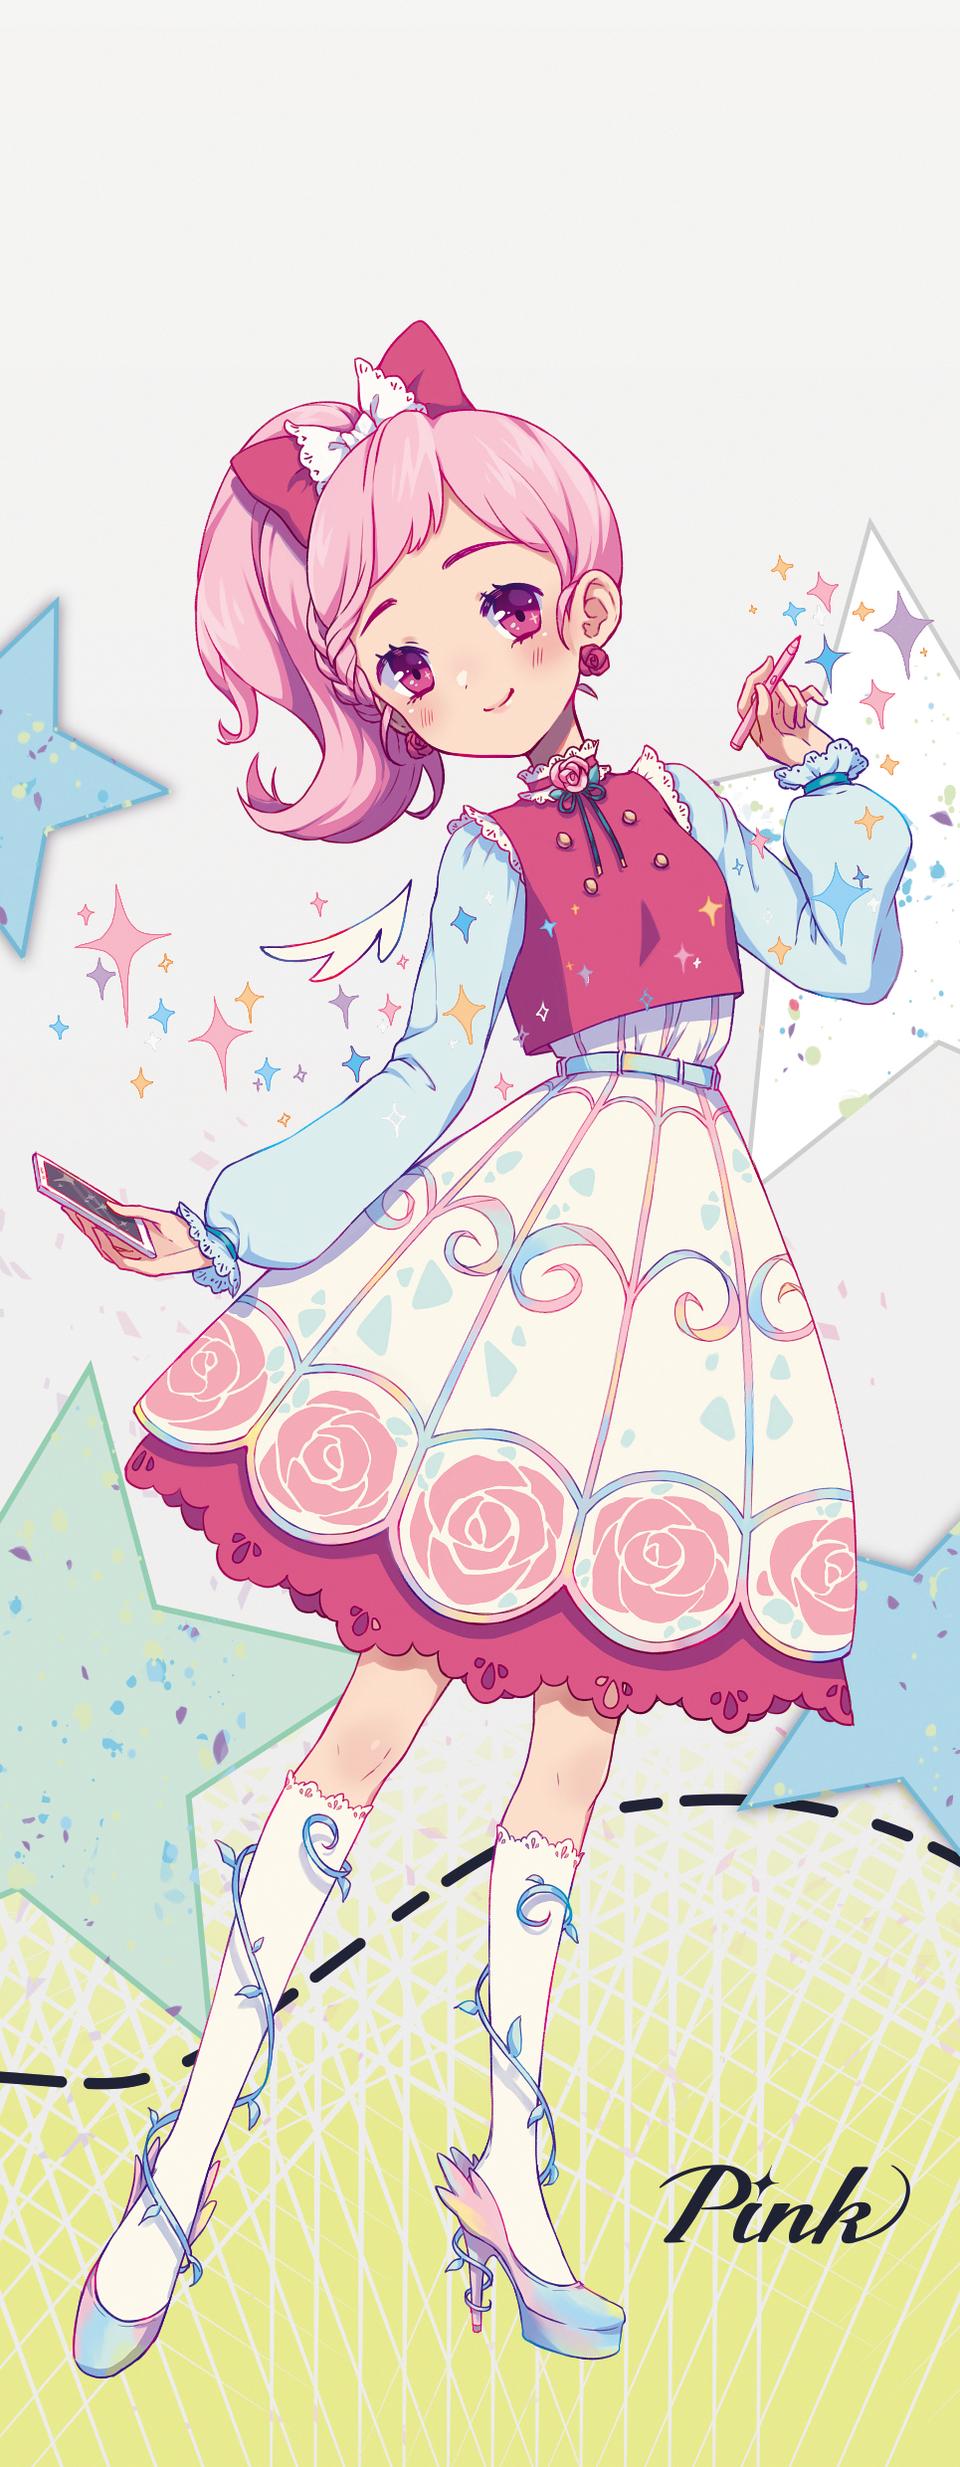 Pastel Sketch PINK